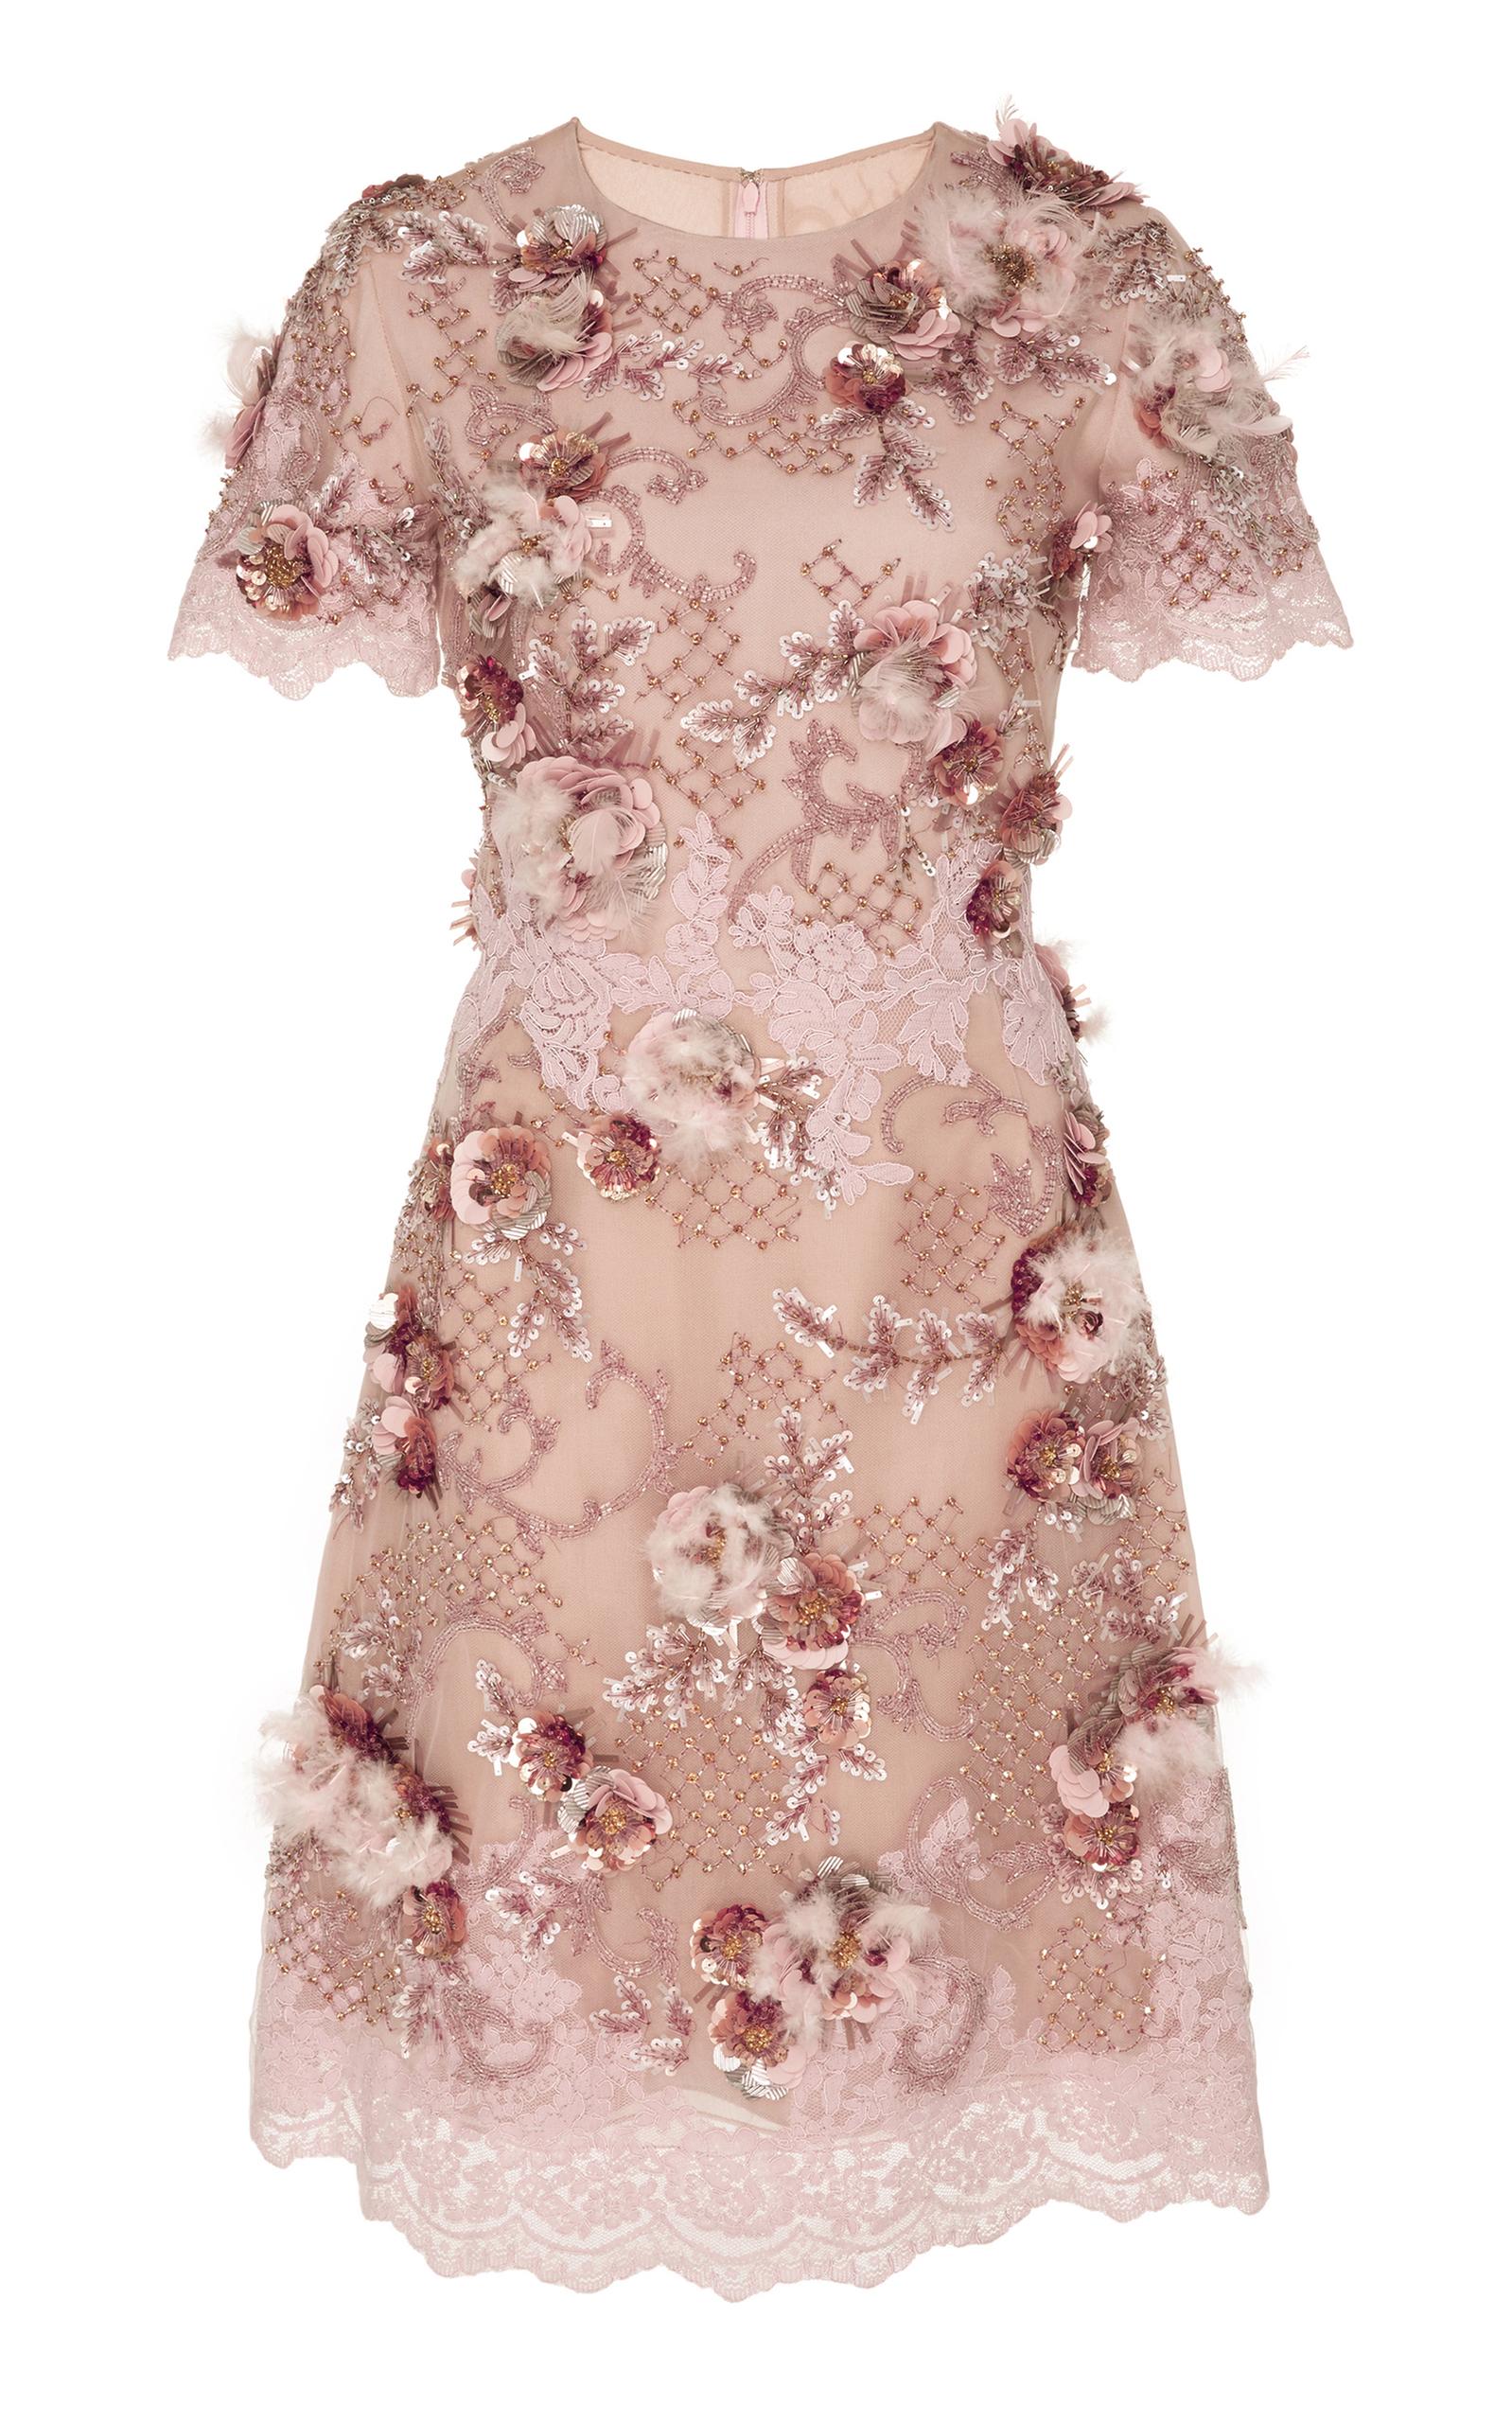 pink floral cocktail dress